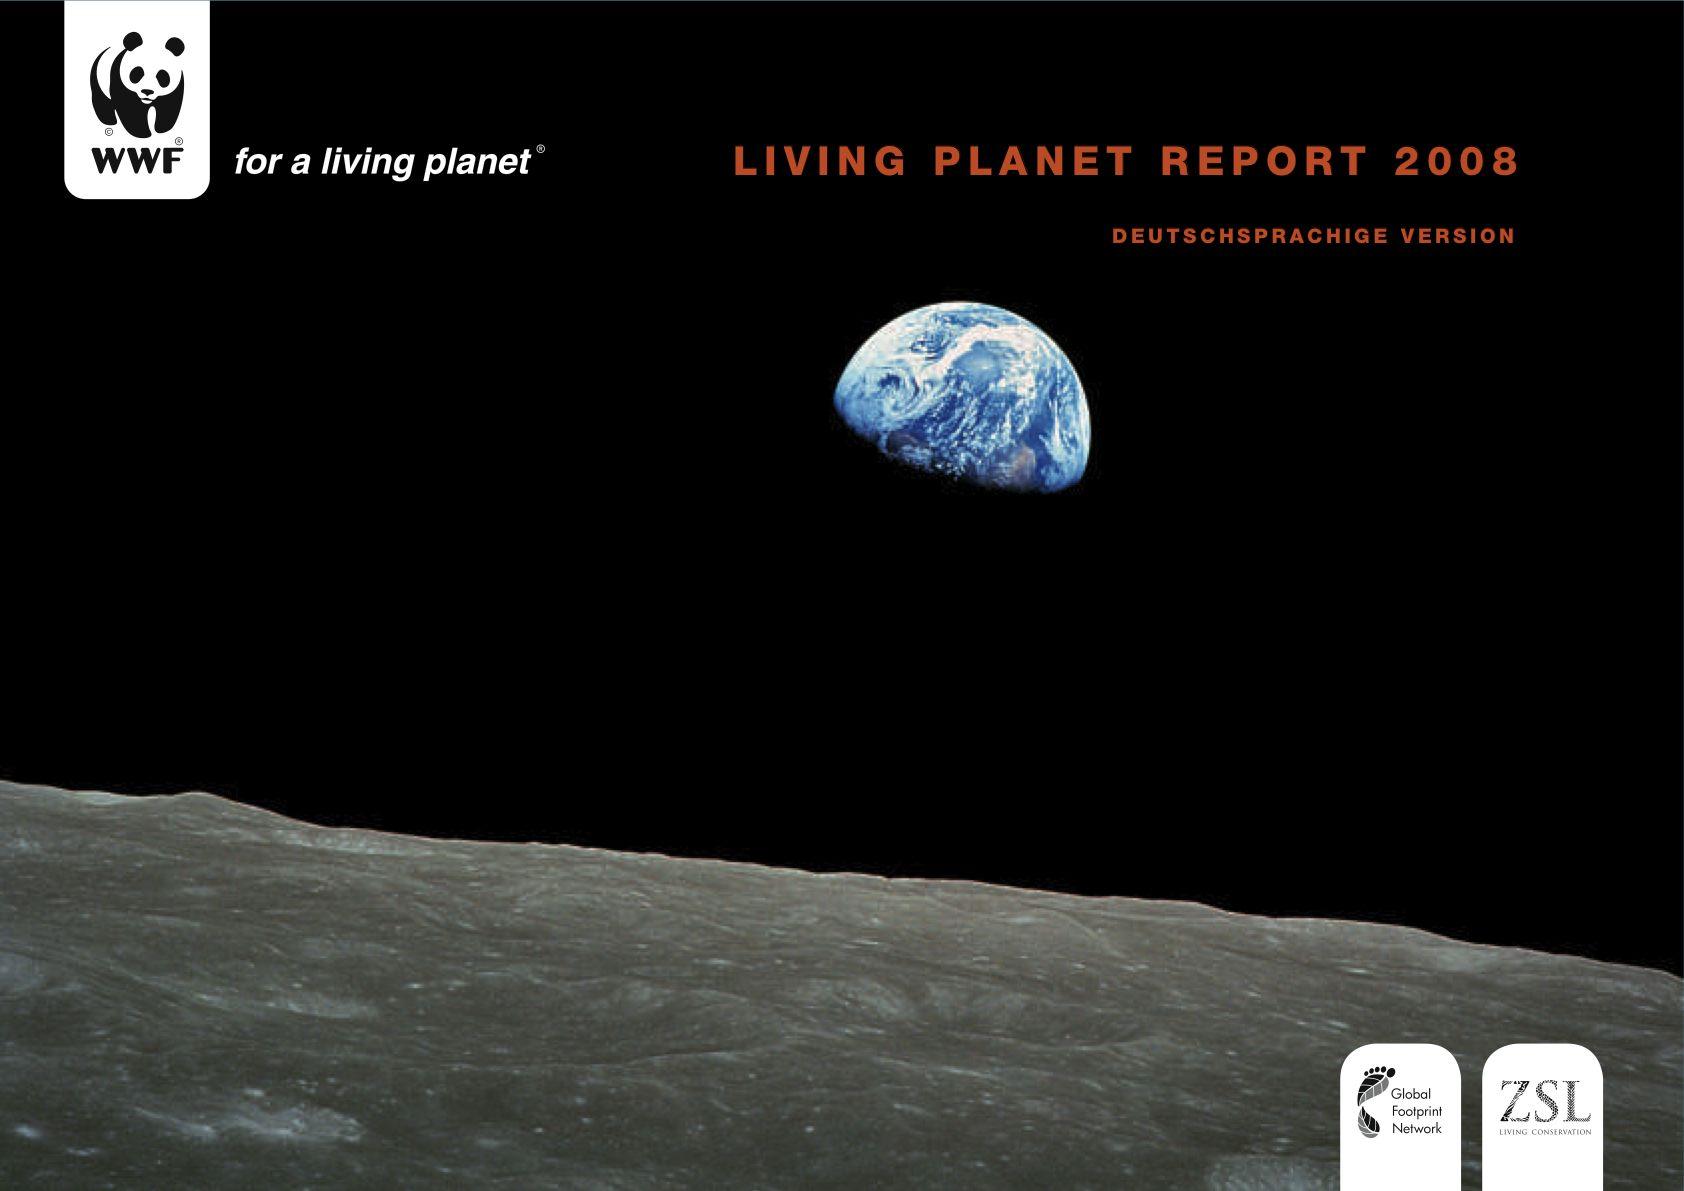 Living Planet Report 2008 Wwf in Der WWF Living Planet Report 2008 und die Wirtschaftskrise